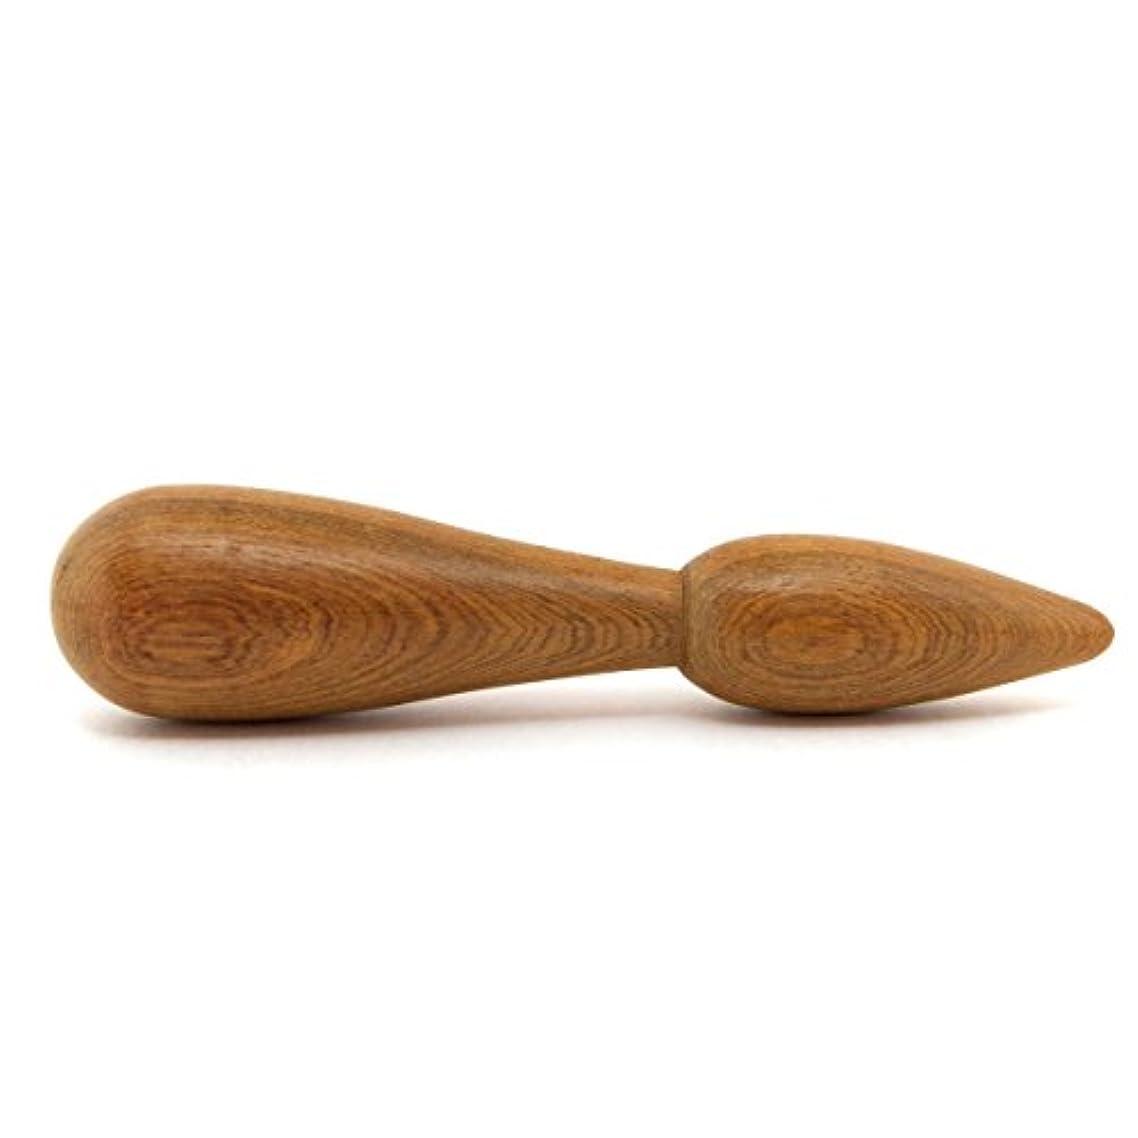 変形アンタゴニスト今ゴリゴリ 木製マッサージ棒